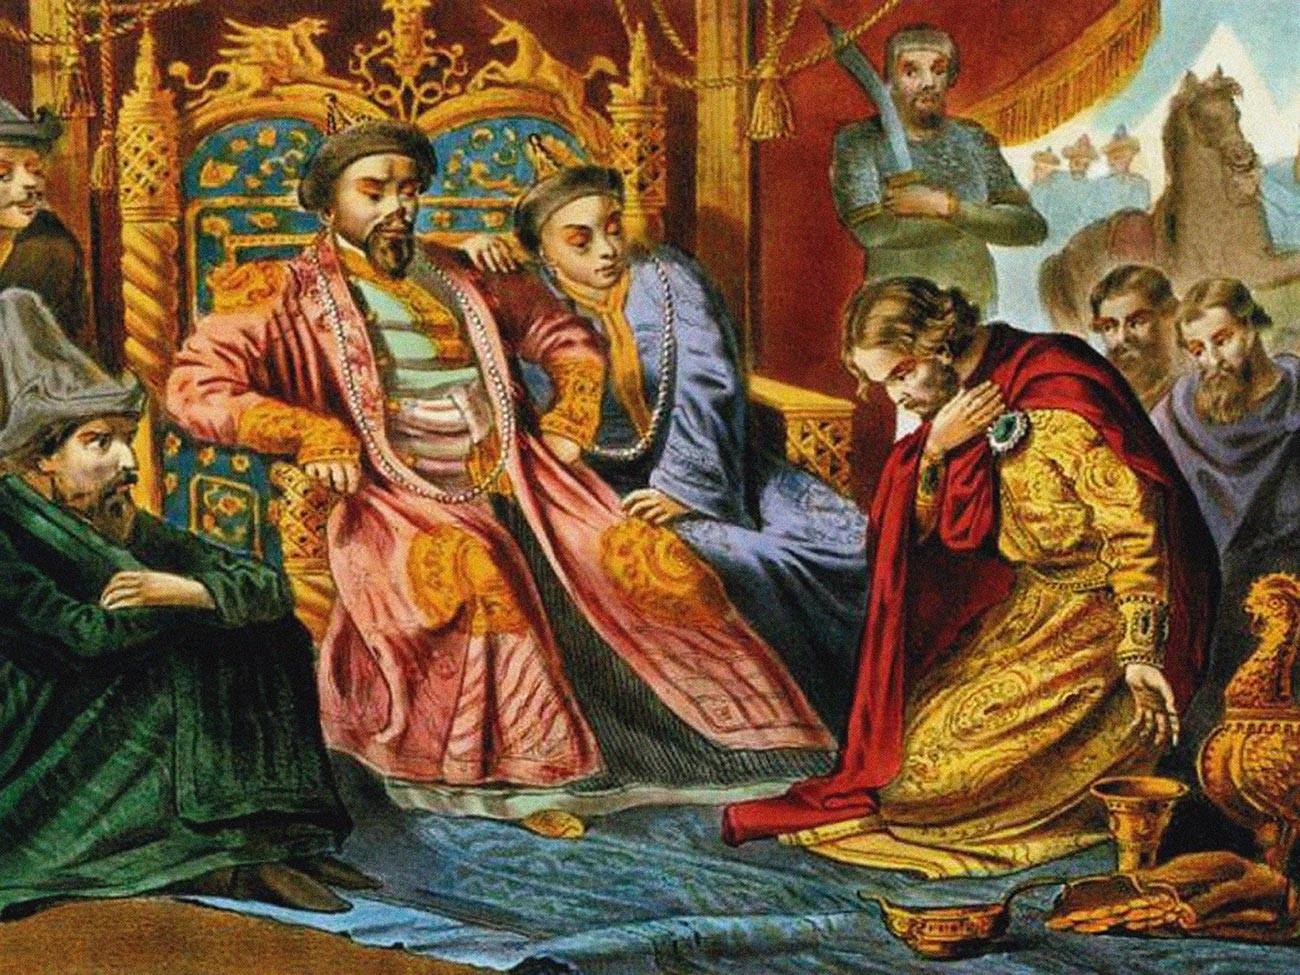 Кнез Александар Невски моли Бату-кана за милост према Русији, крај 19. века.